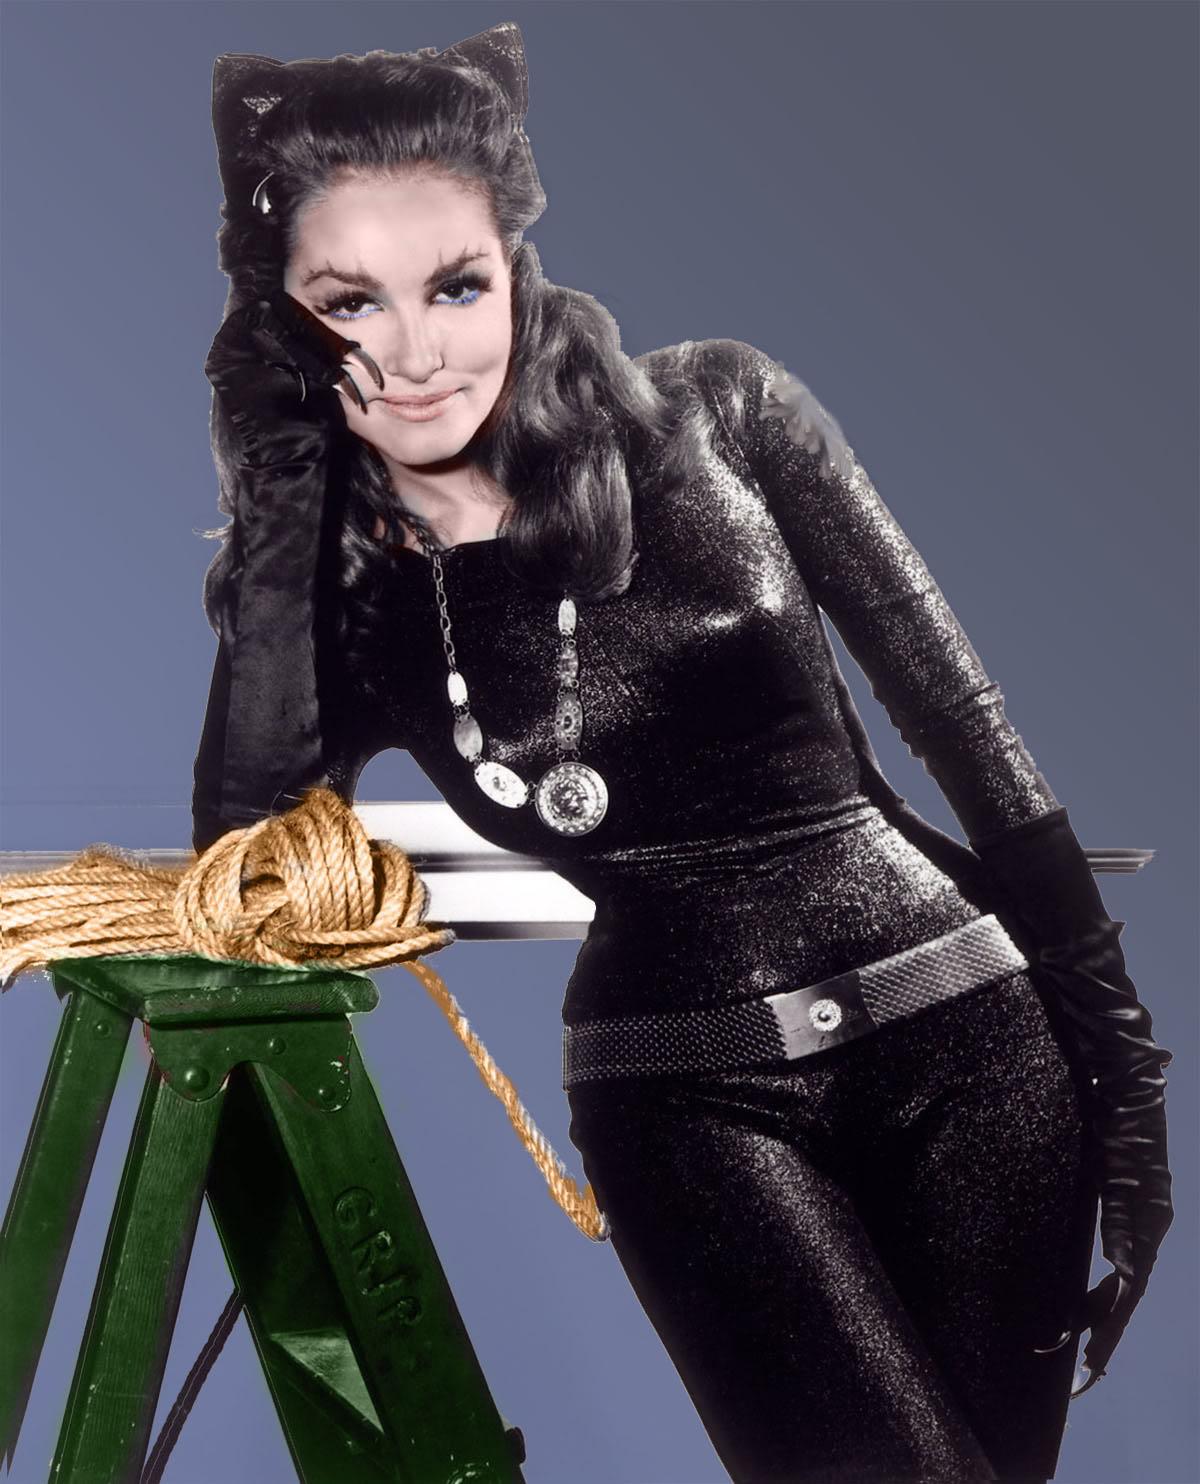 http://1.bp.blogspot.com/-YHWNIcIQNHk/UAgiawPPkqI/AAAAAAAAAKE/fEWRI844ul4/s1600/catwoman+newmar.jpg